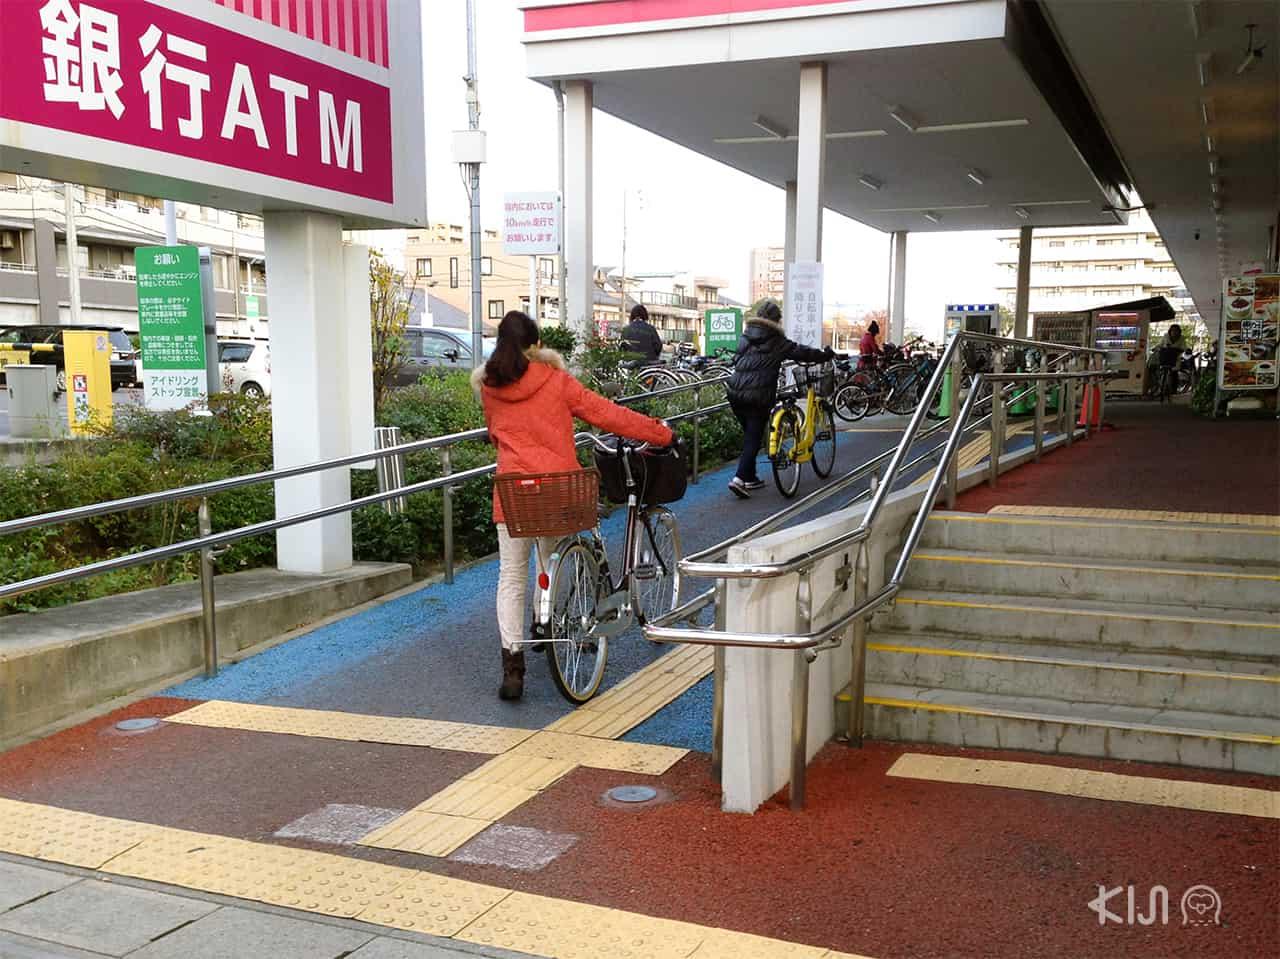 ทางลาดที่ประเทศญี่ปุ่น